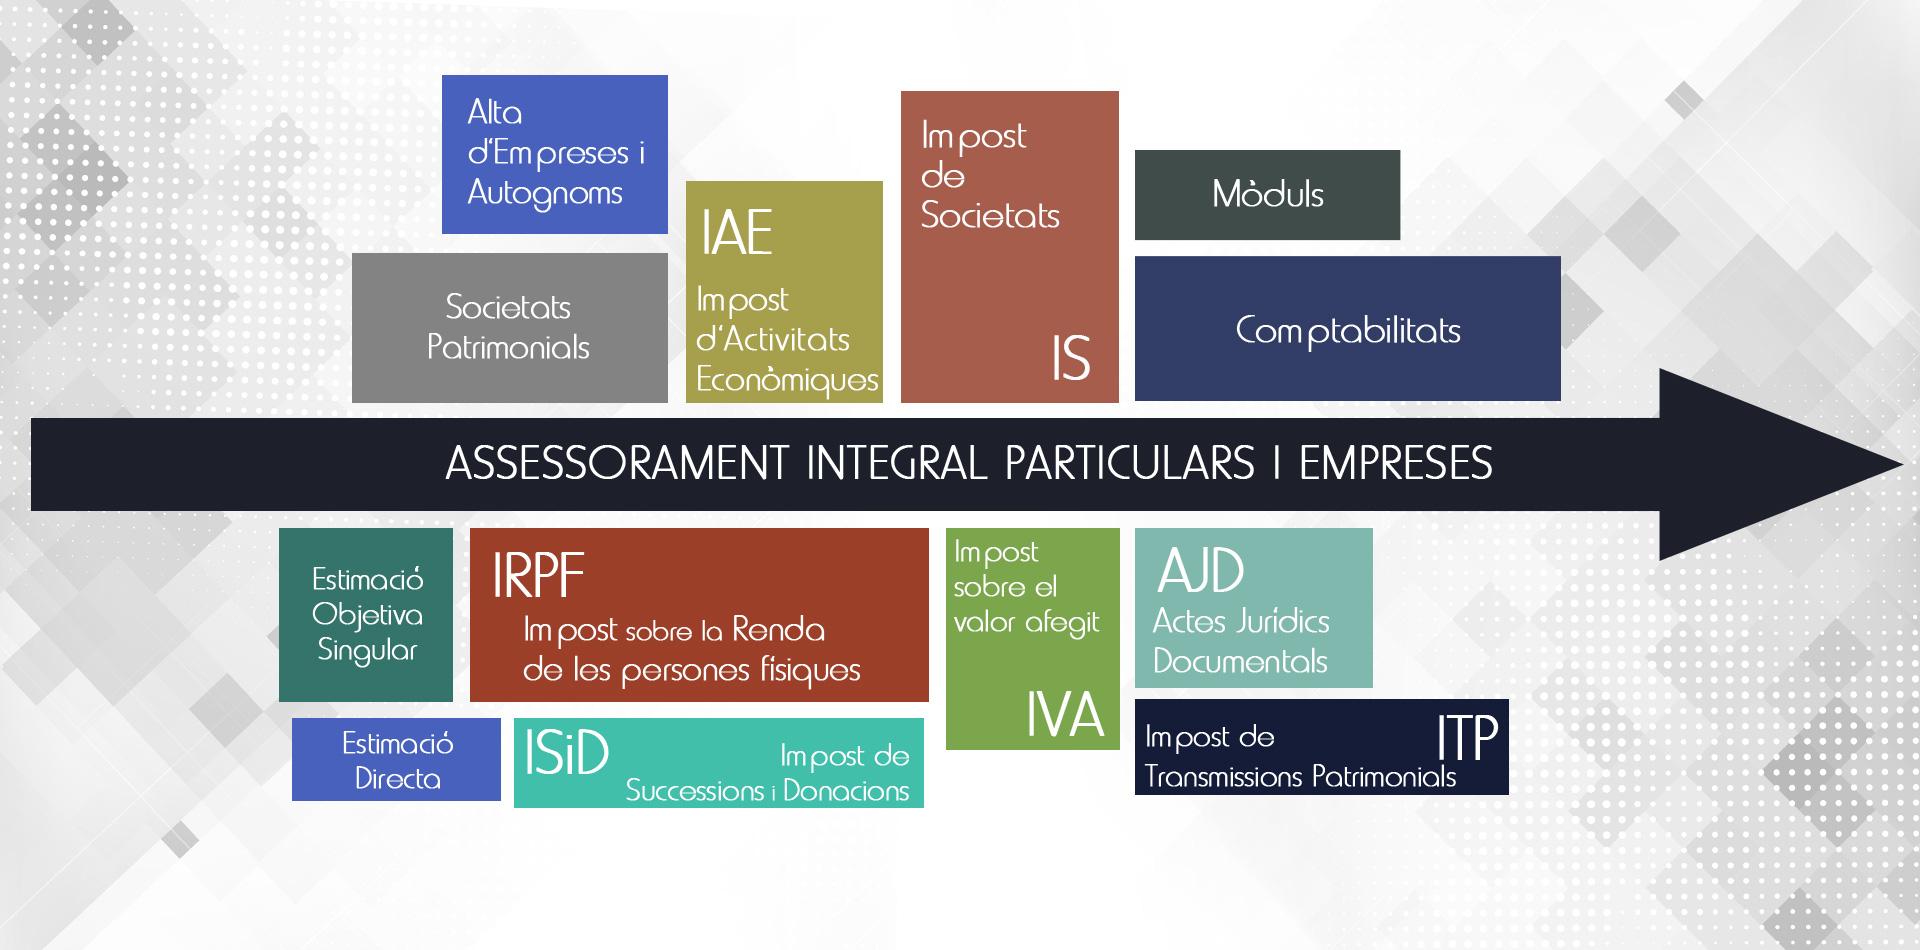 portada assessorament integral empreses a Vila-real